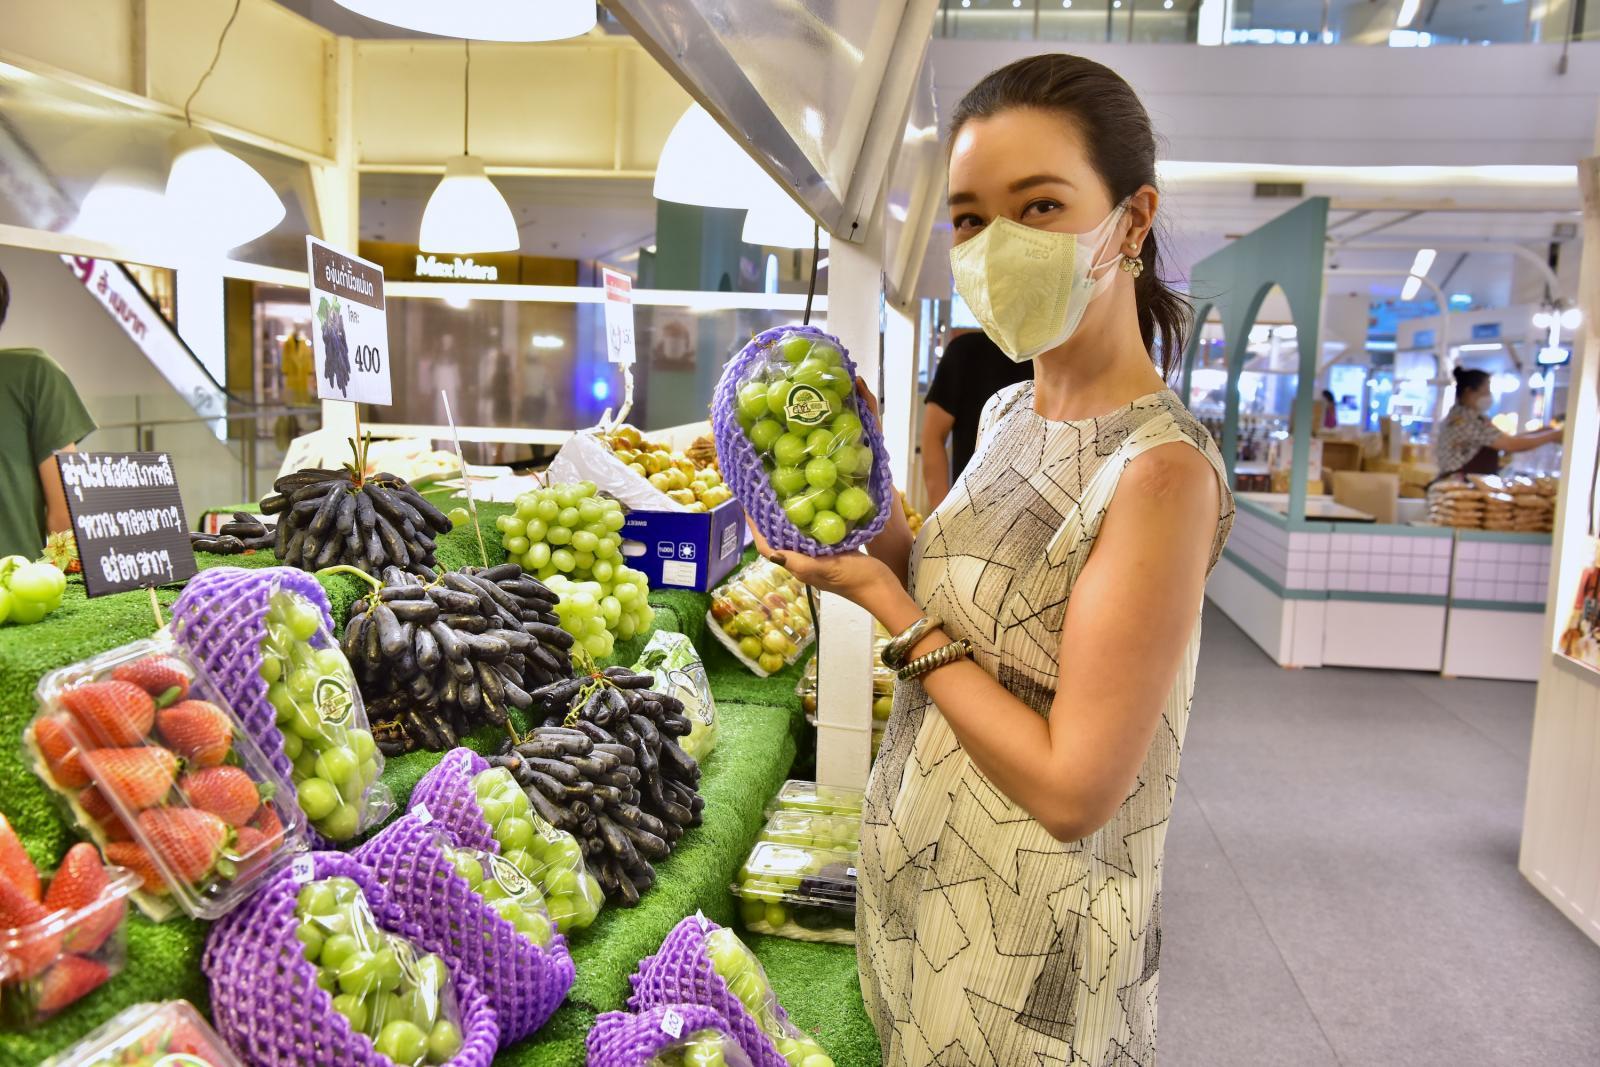 Siam Paragon Fabulous Flavor Forward พื้นที่ส่งต่อความอร่อยให้อิ่มสุขไปด้วยกัน